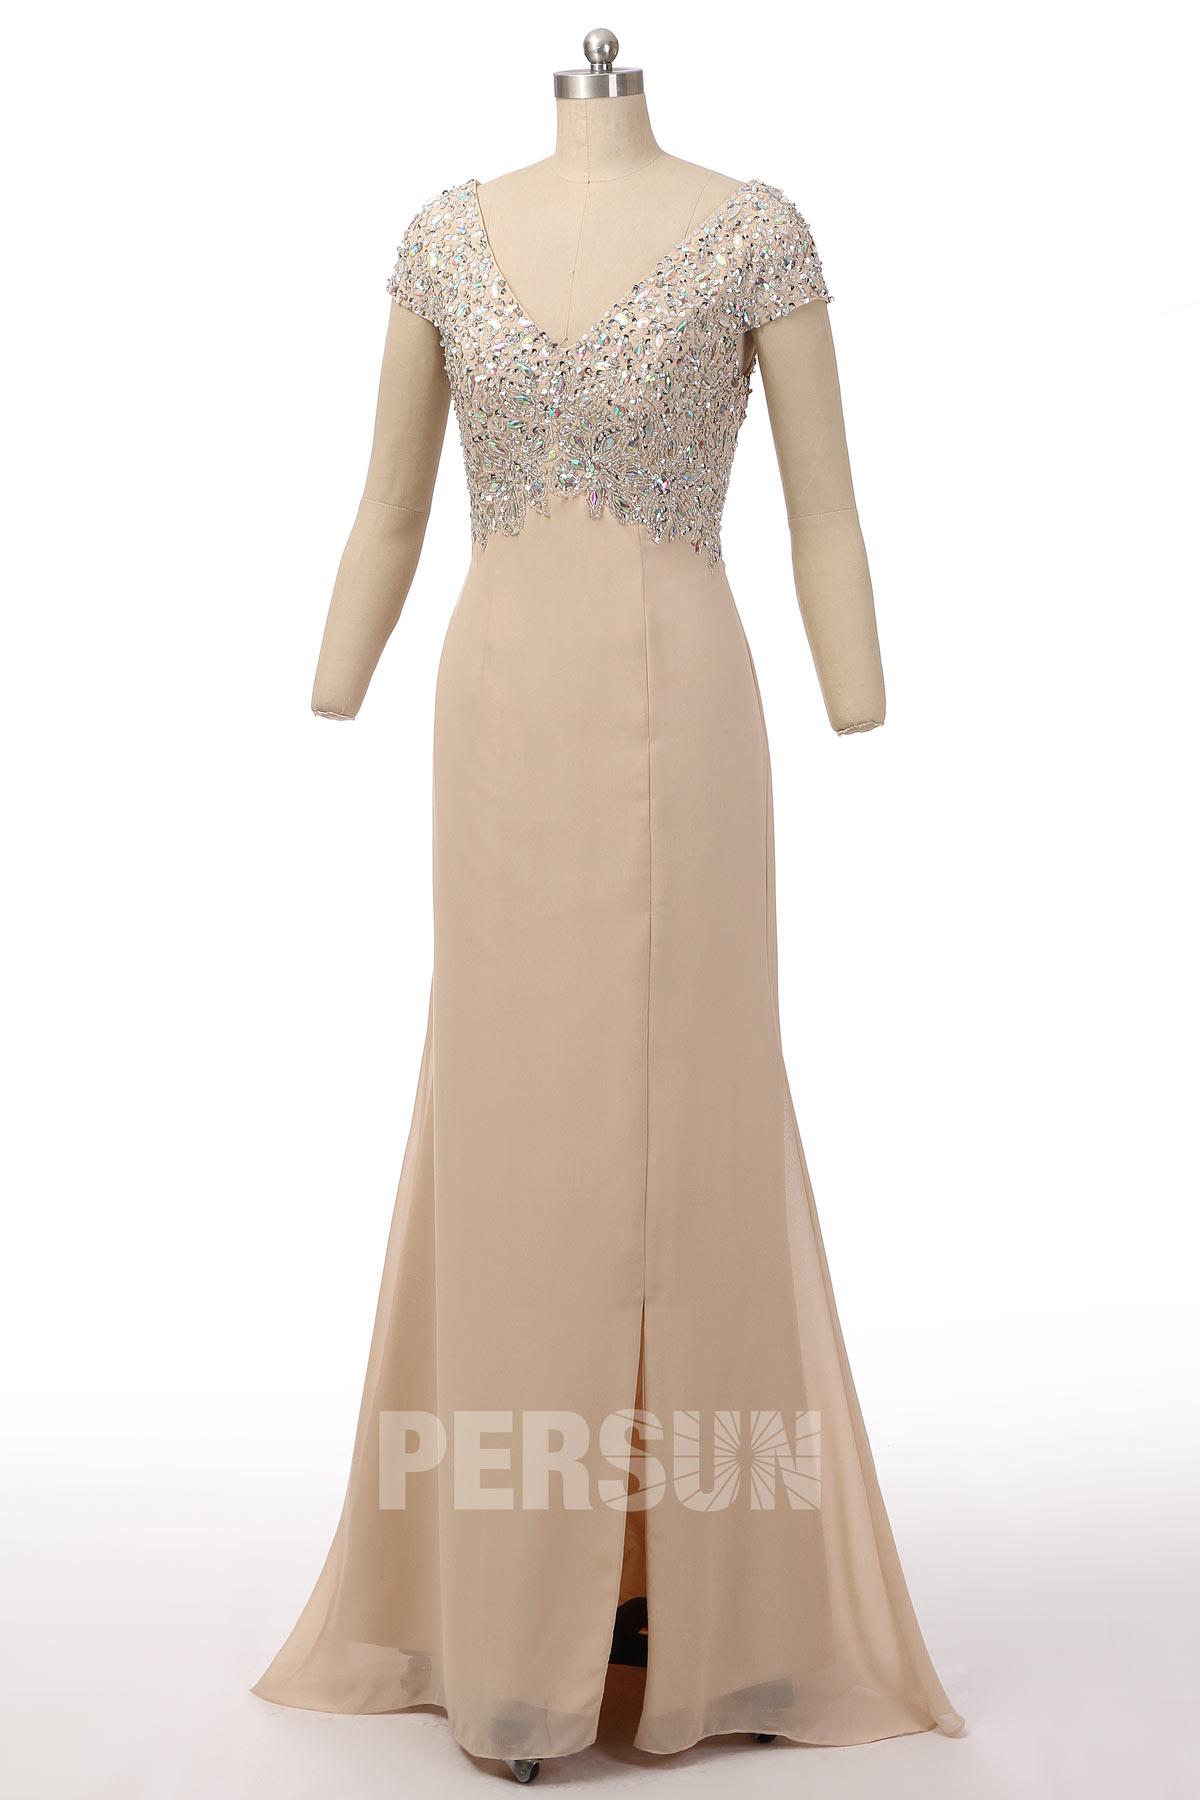 robe de cérémonie champagne longue col v ornée de strass à manche courte et jupe fendue